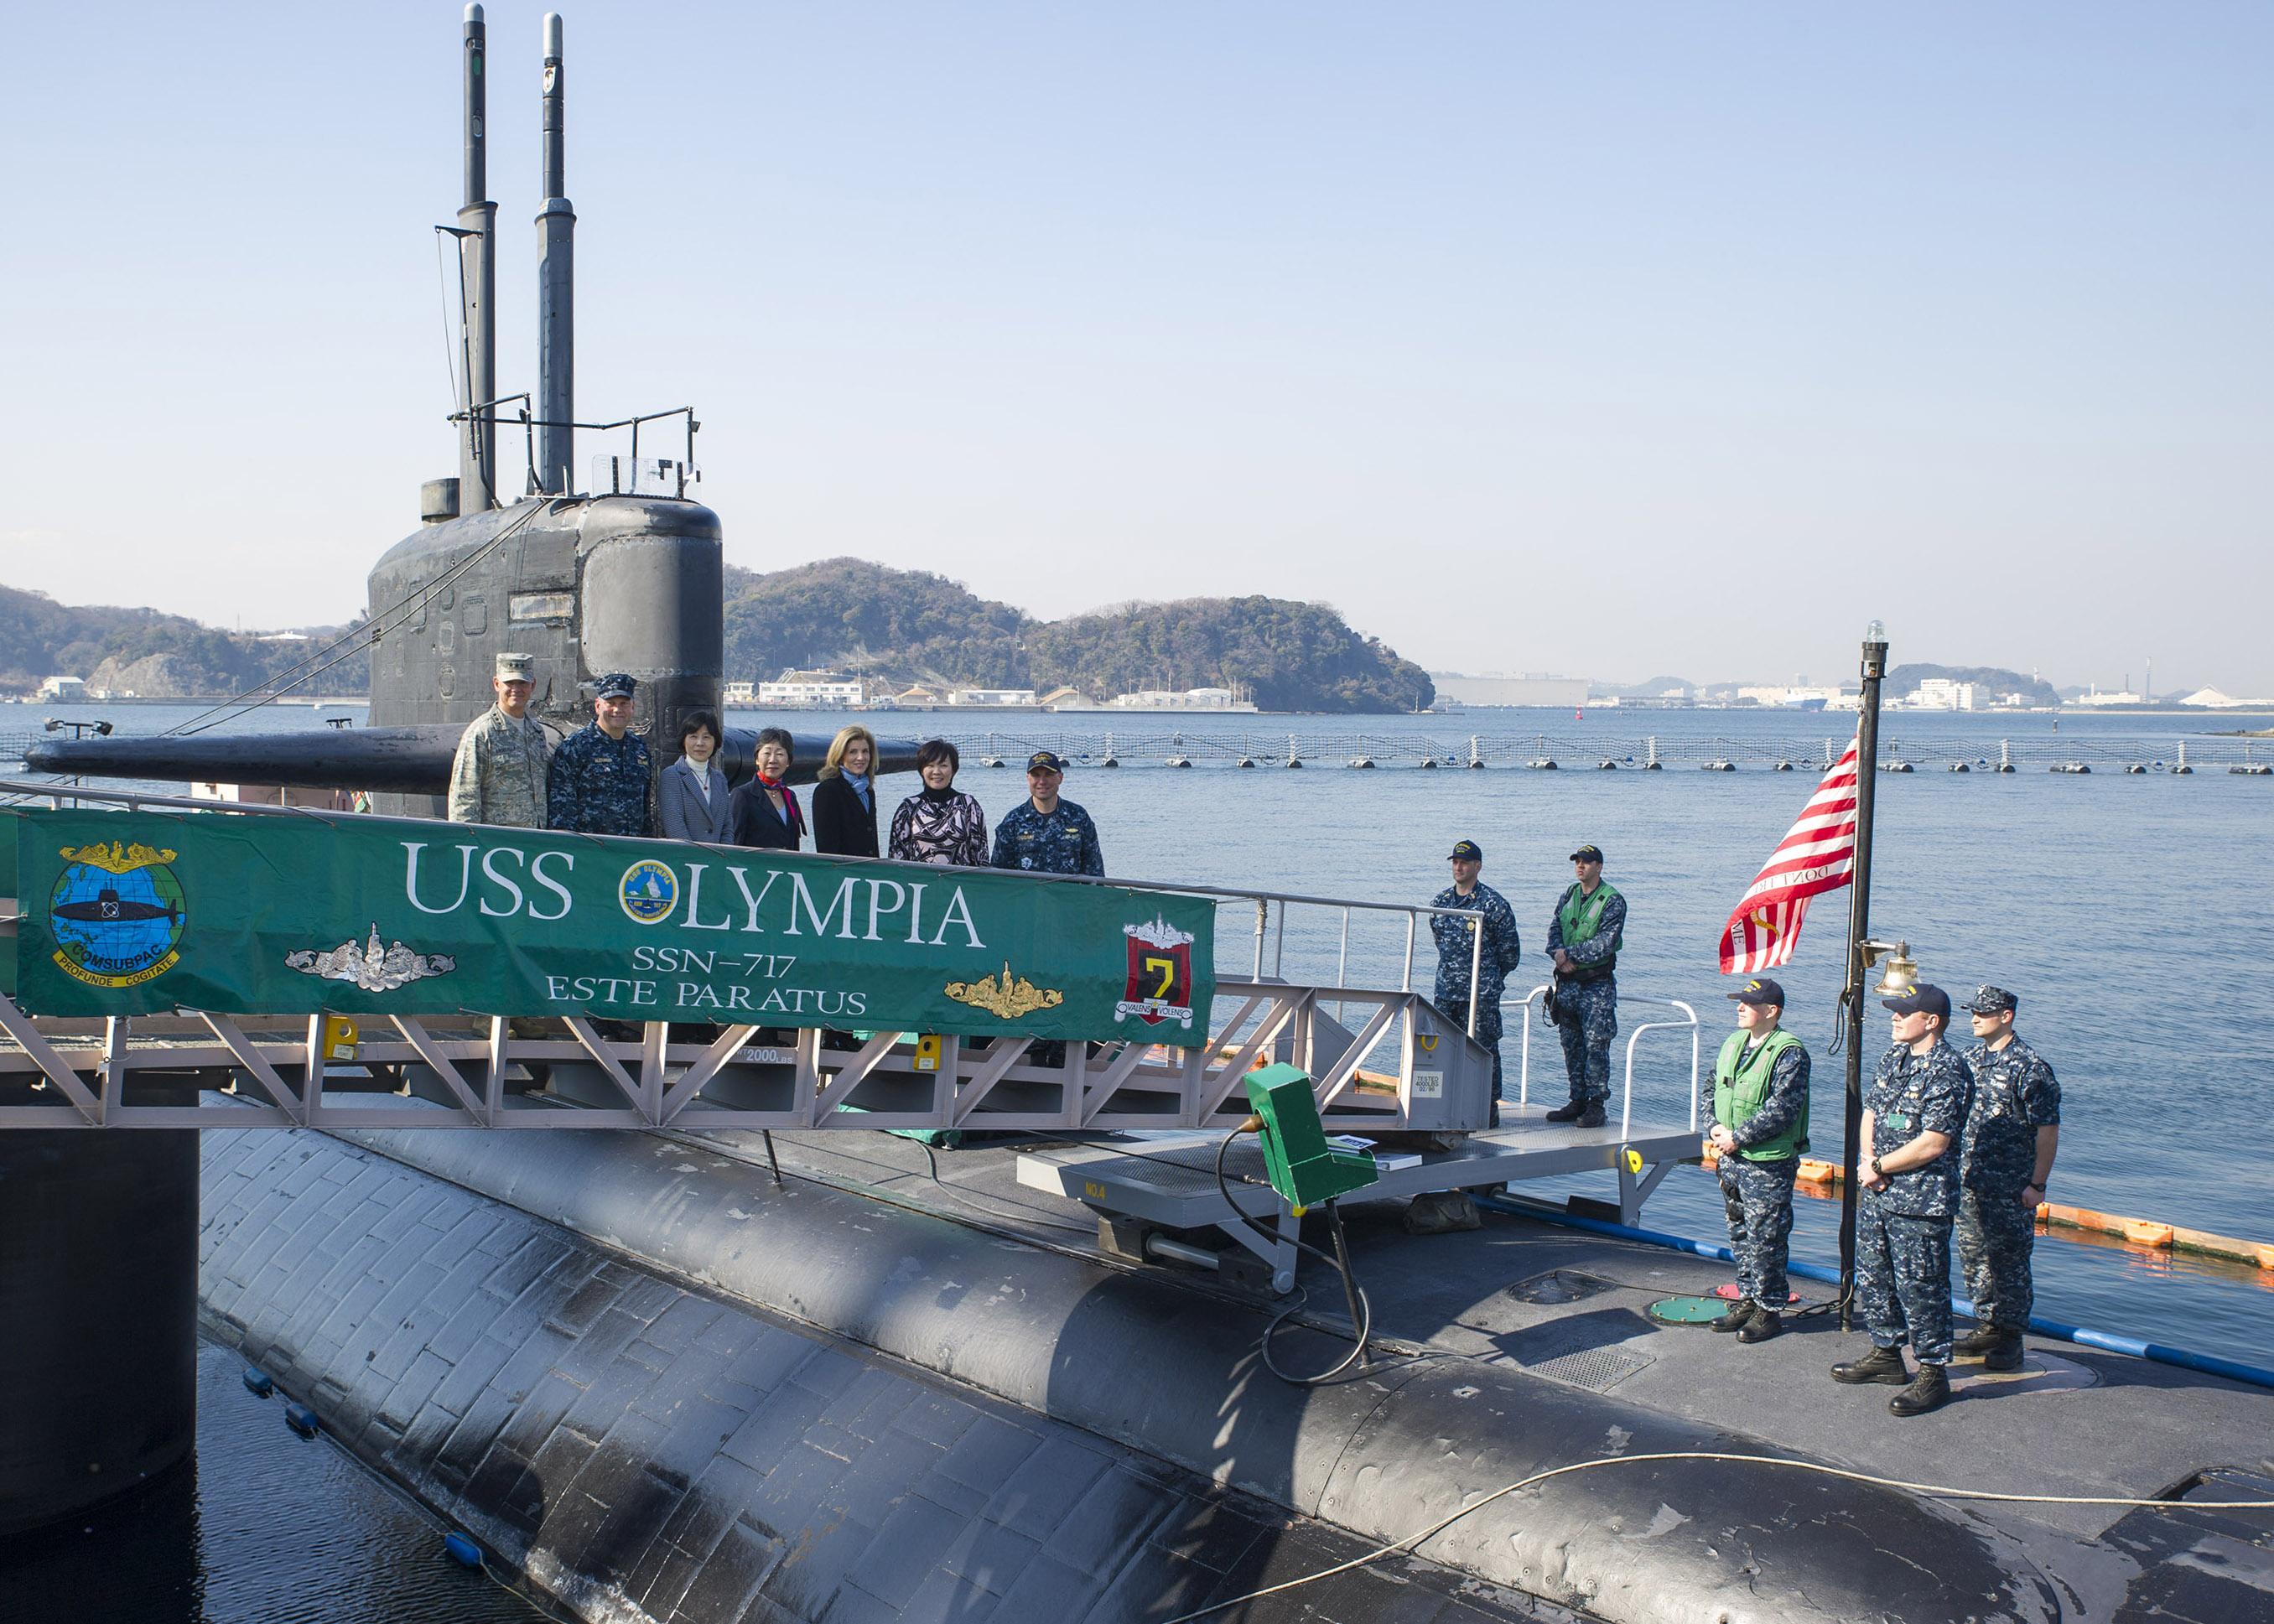 USS OLYMPIA SSN-717 in Yokosuka am 12.02.2015 Bild: U.S. Navy